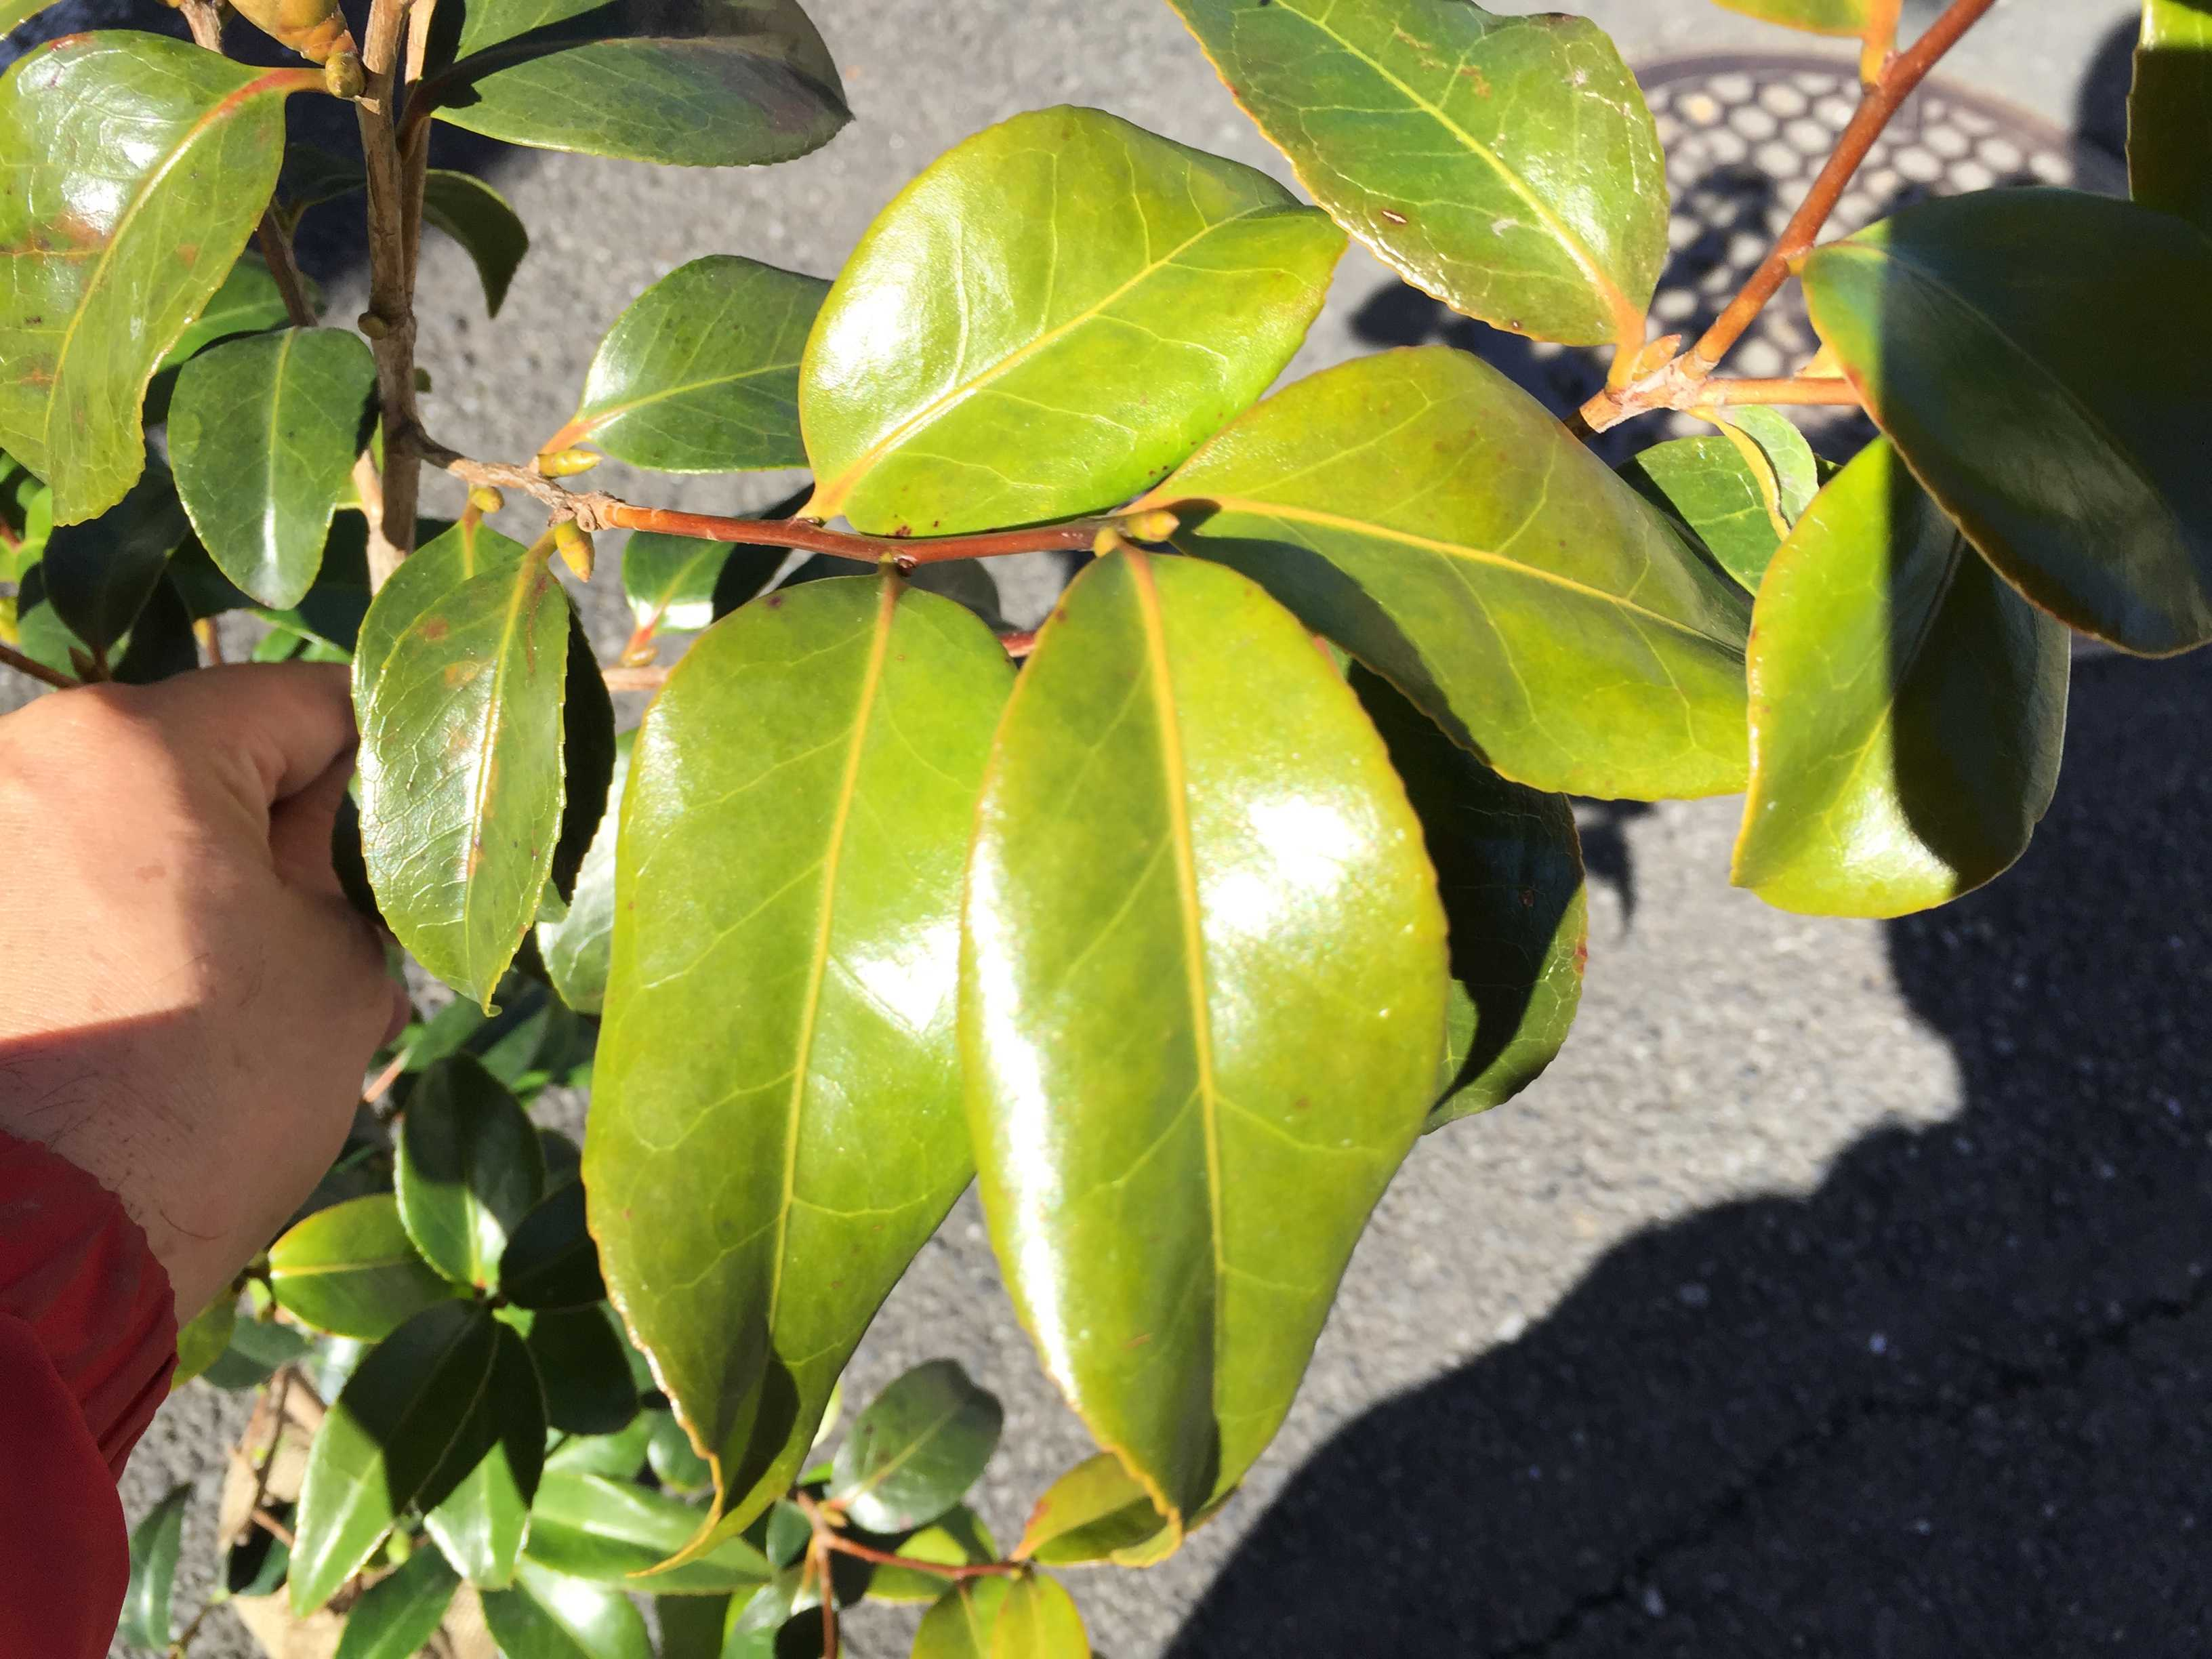 藪椿「玉之浦」の葉っぱ